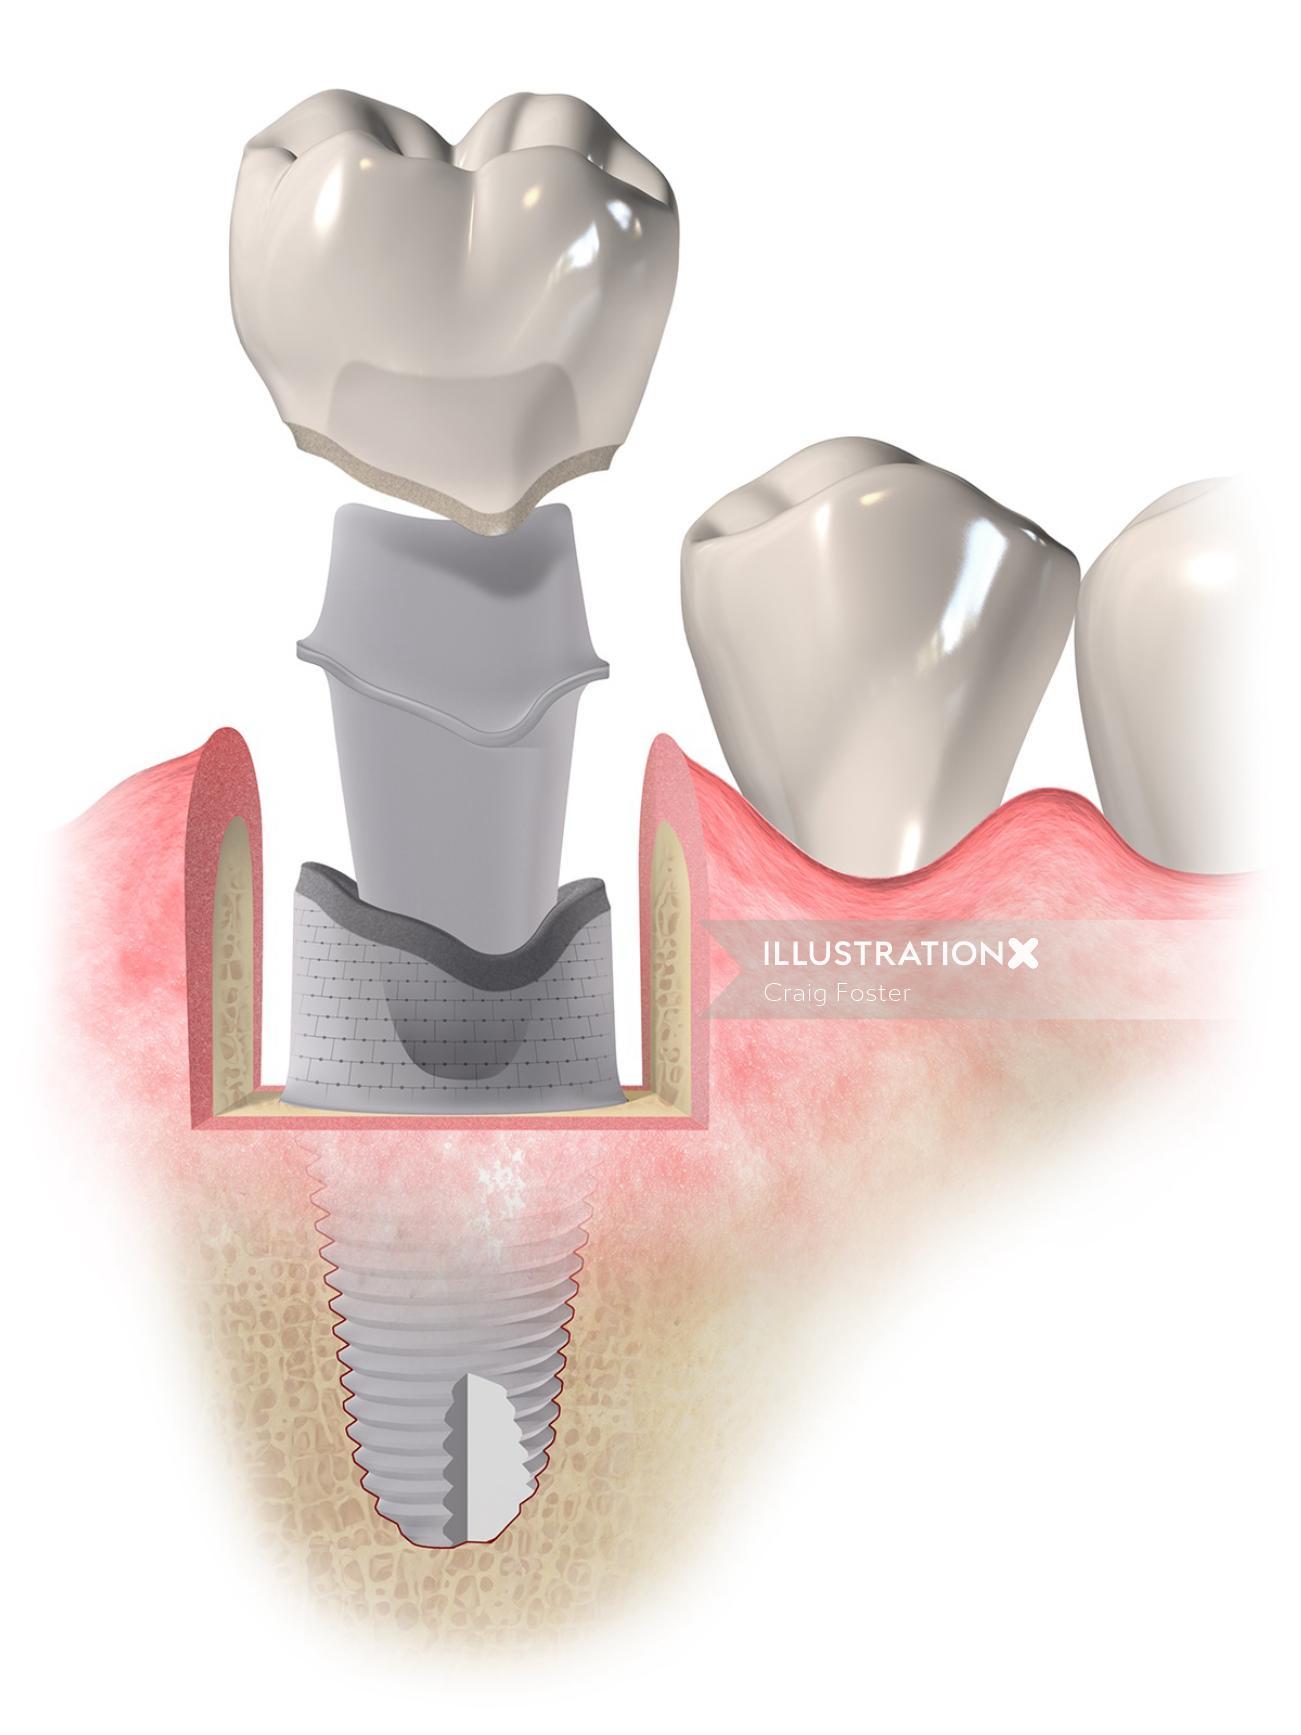 Medical illustration dental implant